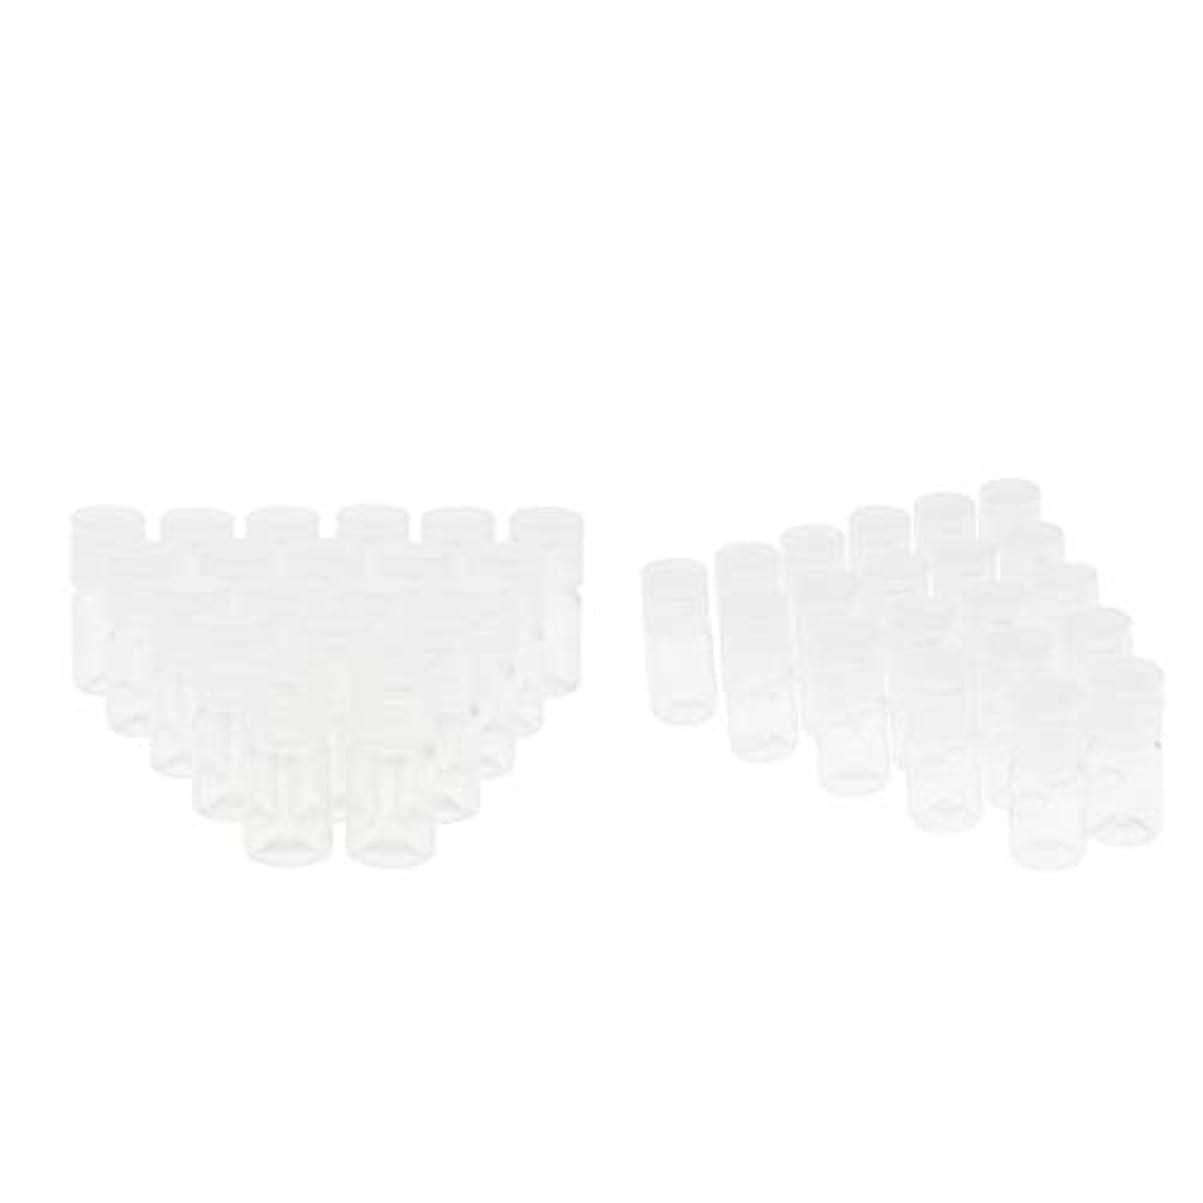 宇宙船かび臭い形状sharprepublic 約40個 液体容器 トラベル液体コンテナ 香水瓶 5ml